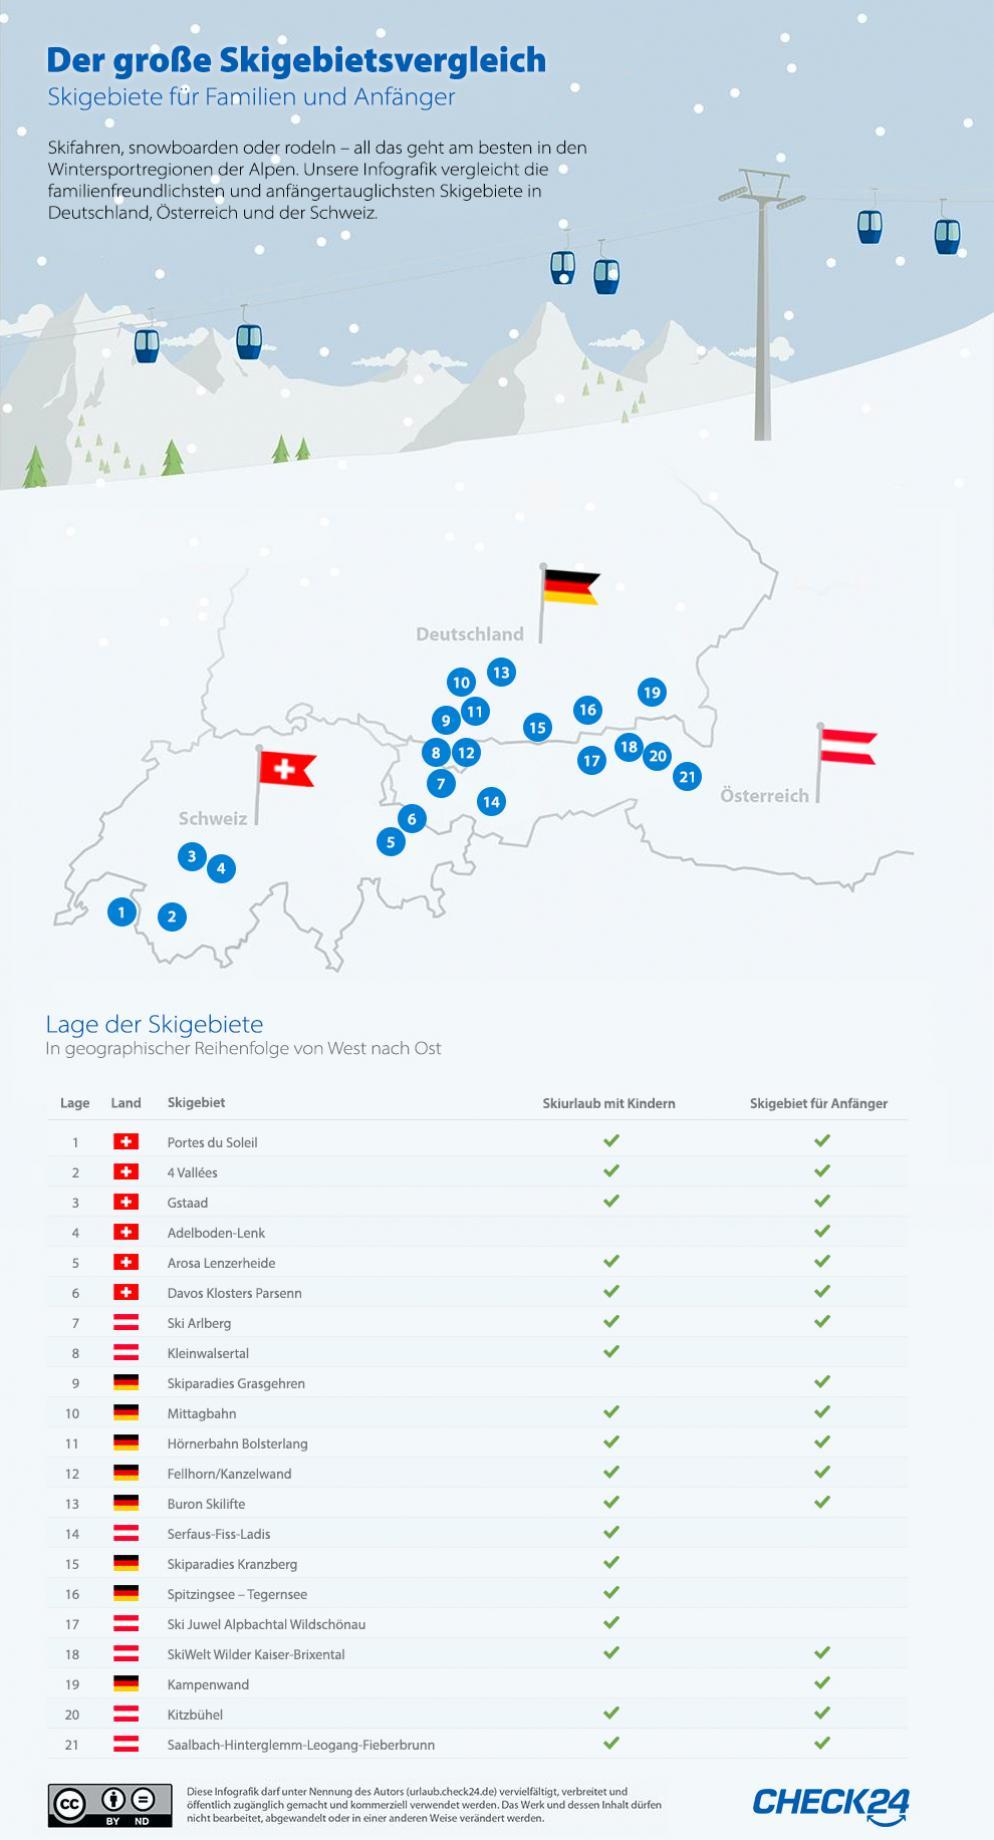 Die Besten Skigebiete Für Anfänger Familien Im Vergleich Check24 Reisewelt